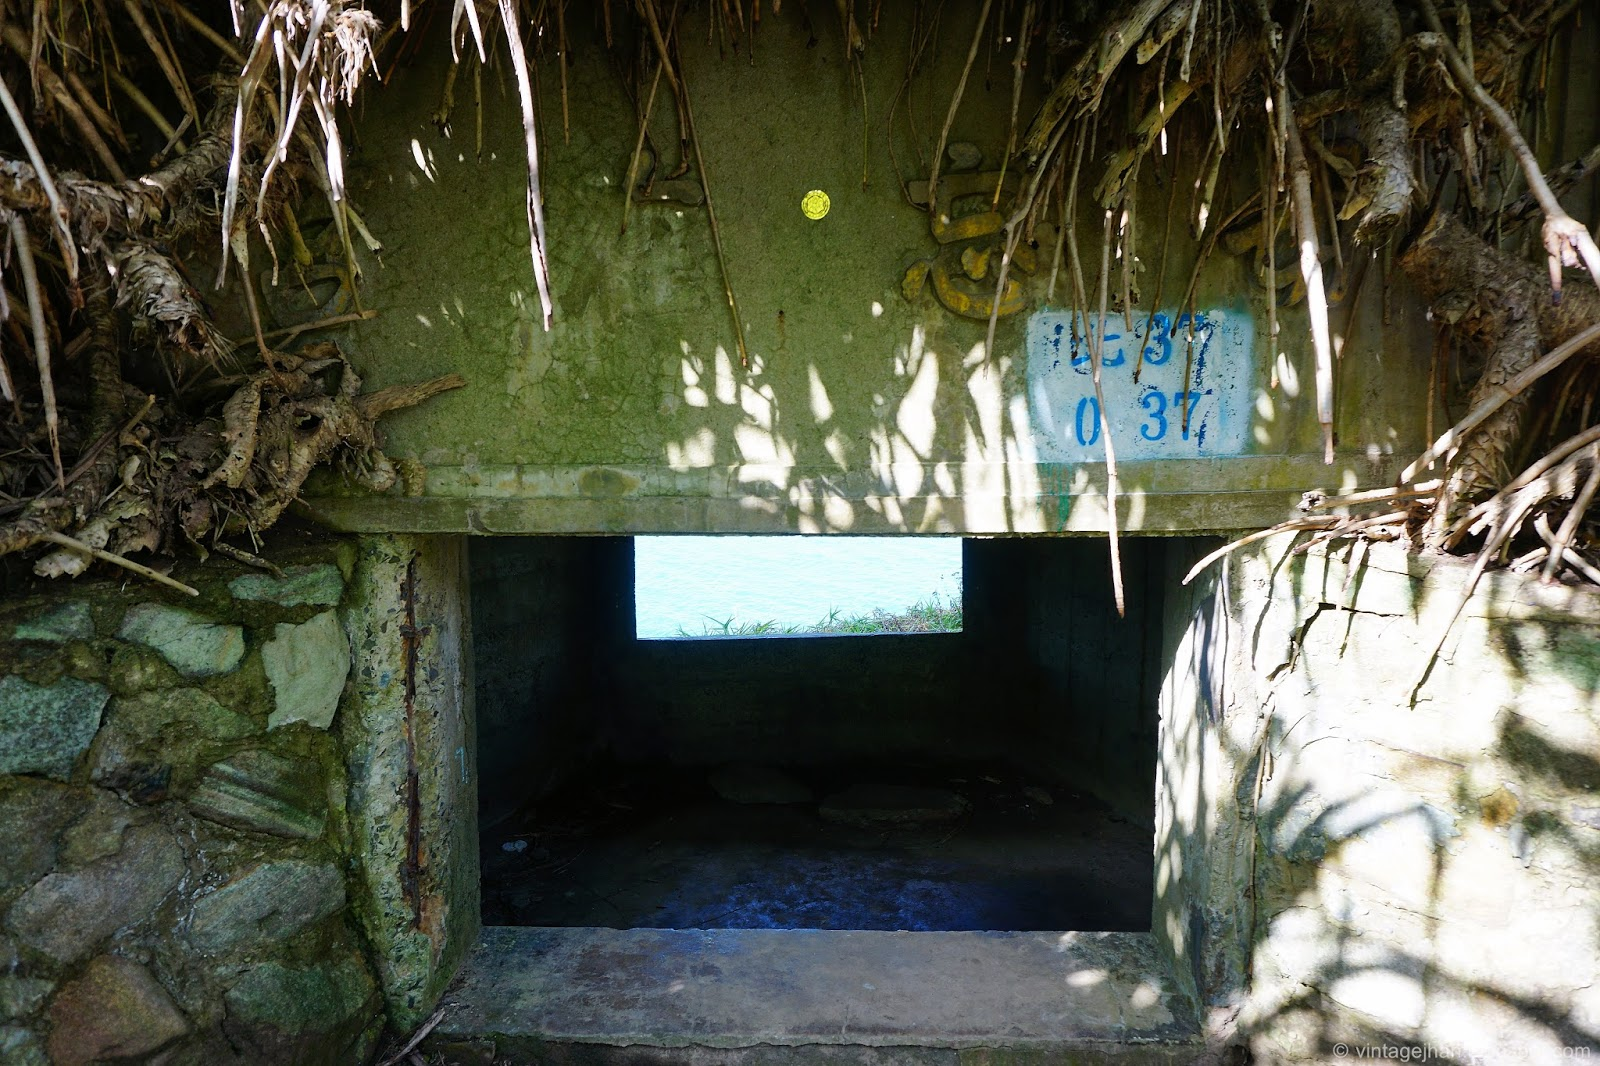 廢棄碉堡上寫著毋忘在莒,也是一個海景的好地方,就像是一個專屬的海景窗戶